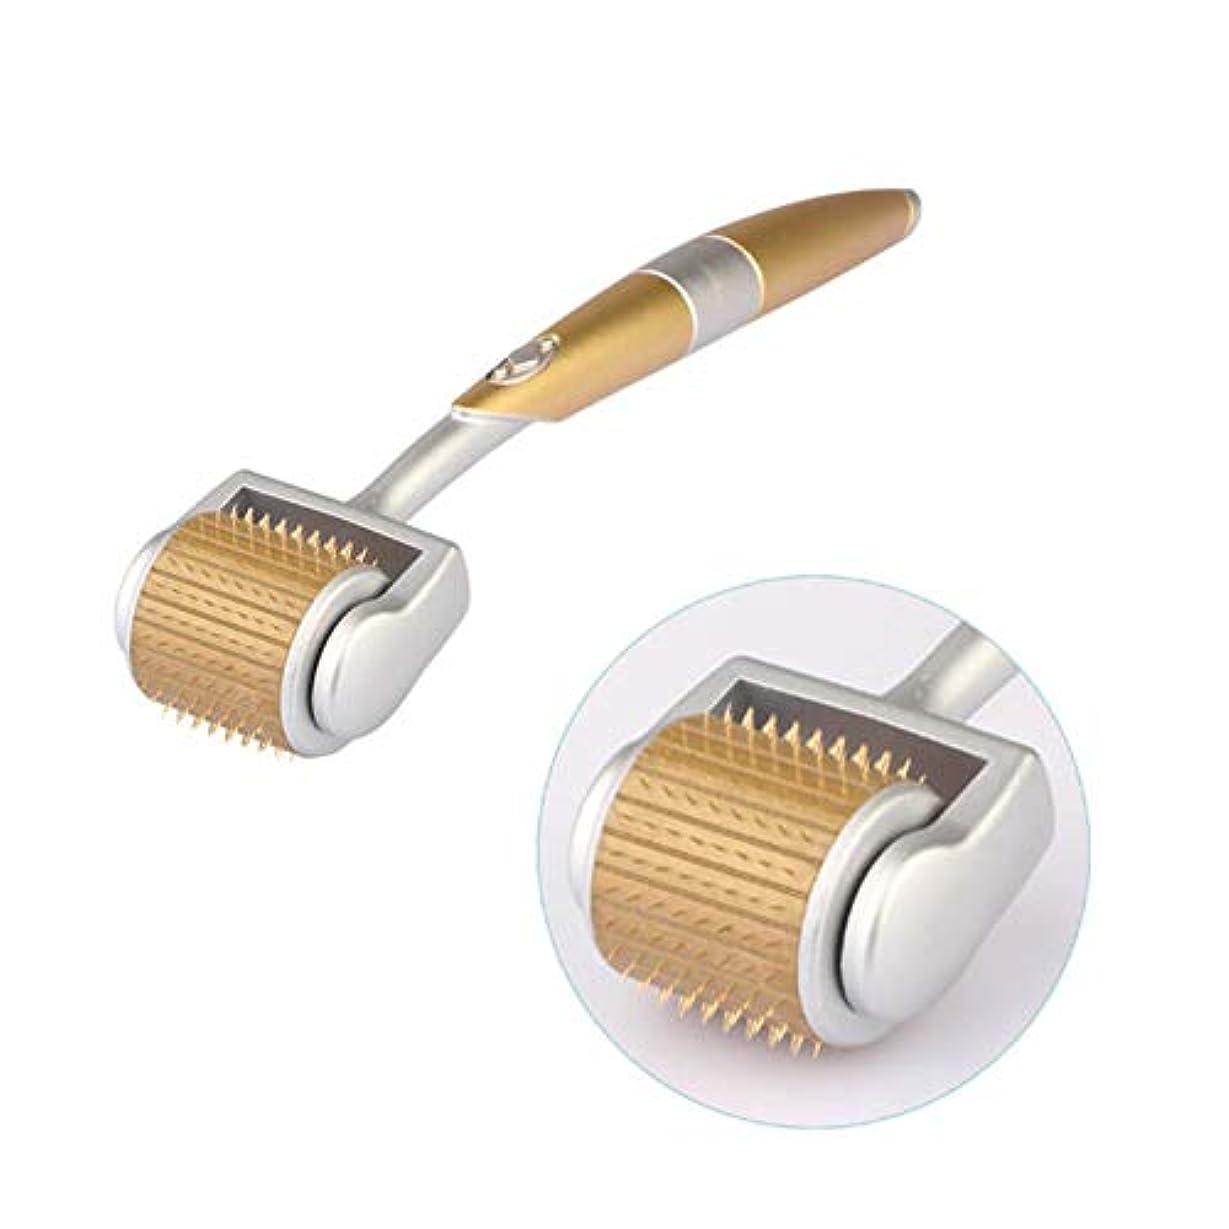 命令的創傷接続ローラー針 ローラー鍼 美容用 マッサージローラー 美容成分を高浸透させ、血行を促進しローラー鍼 フェイスボディー用 充電不要 ゴールド 14cm x 2.9cm (Size : 0.3mm)